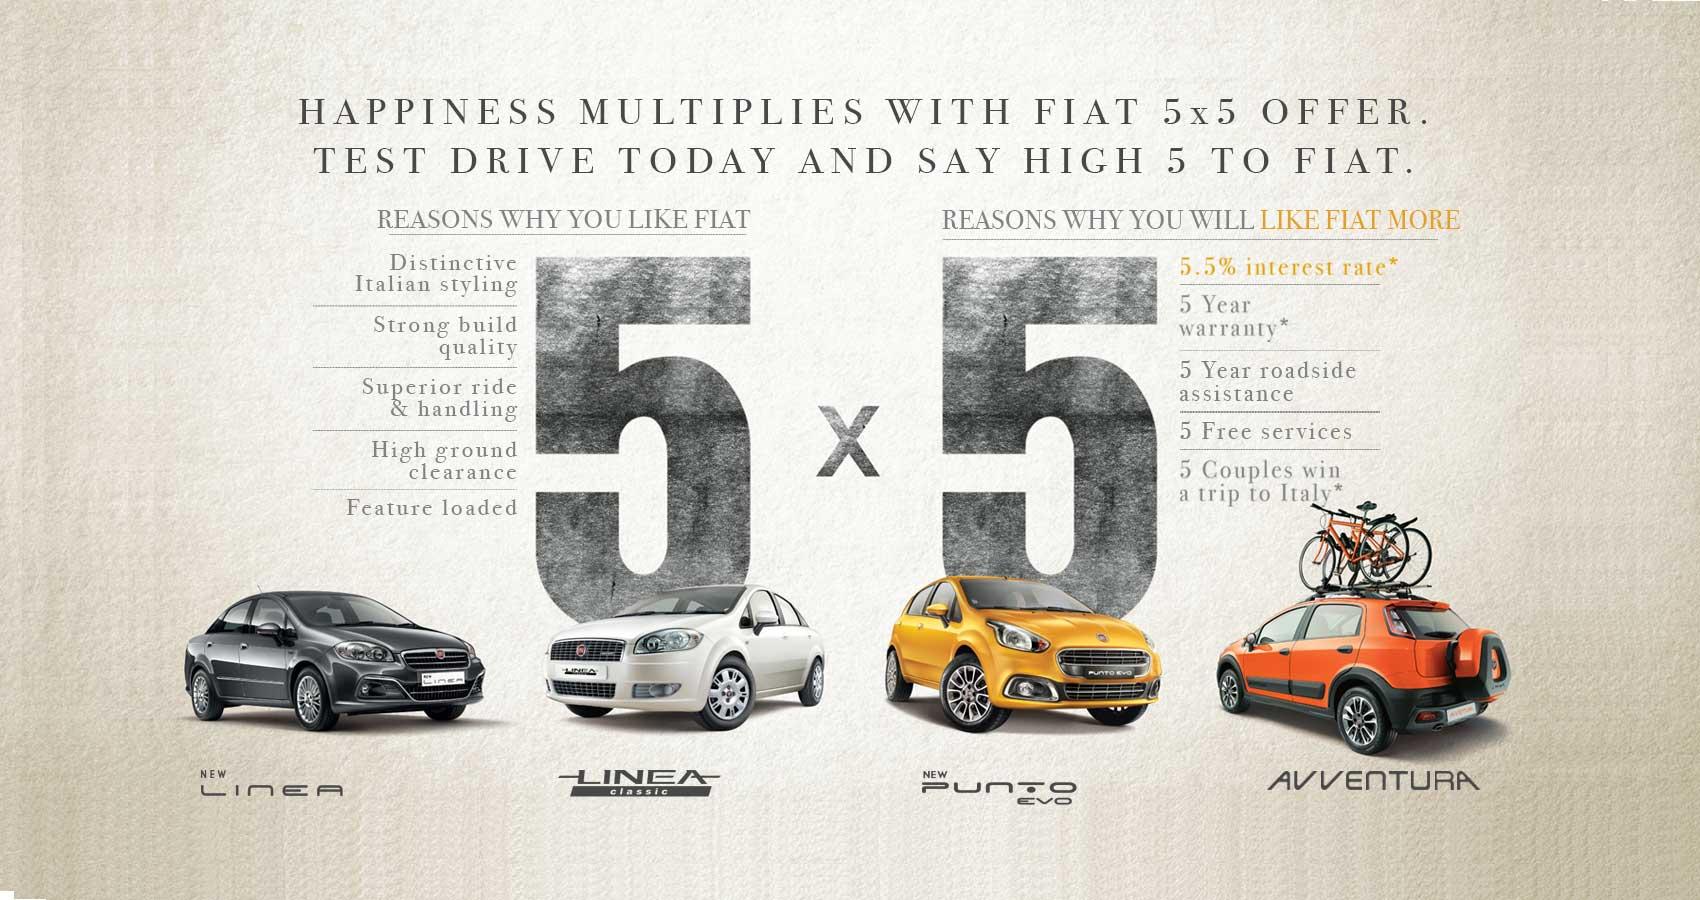 5x5 deals